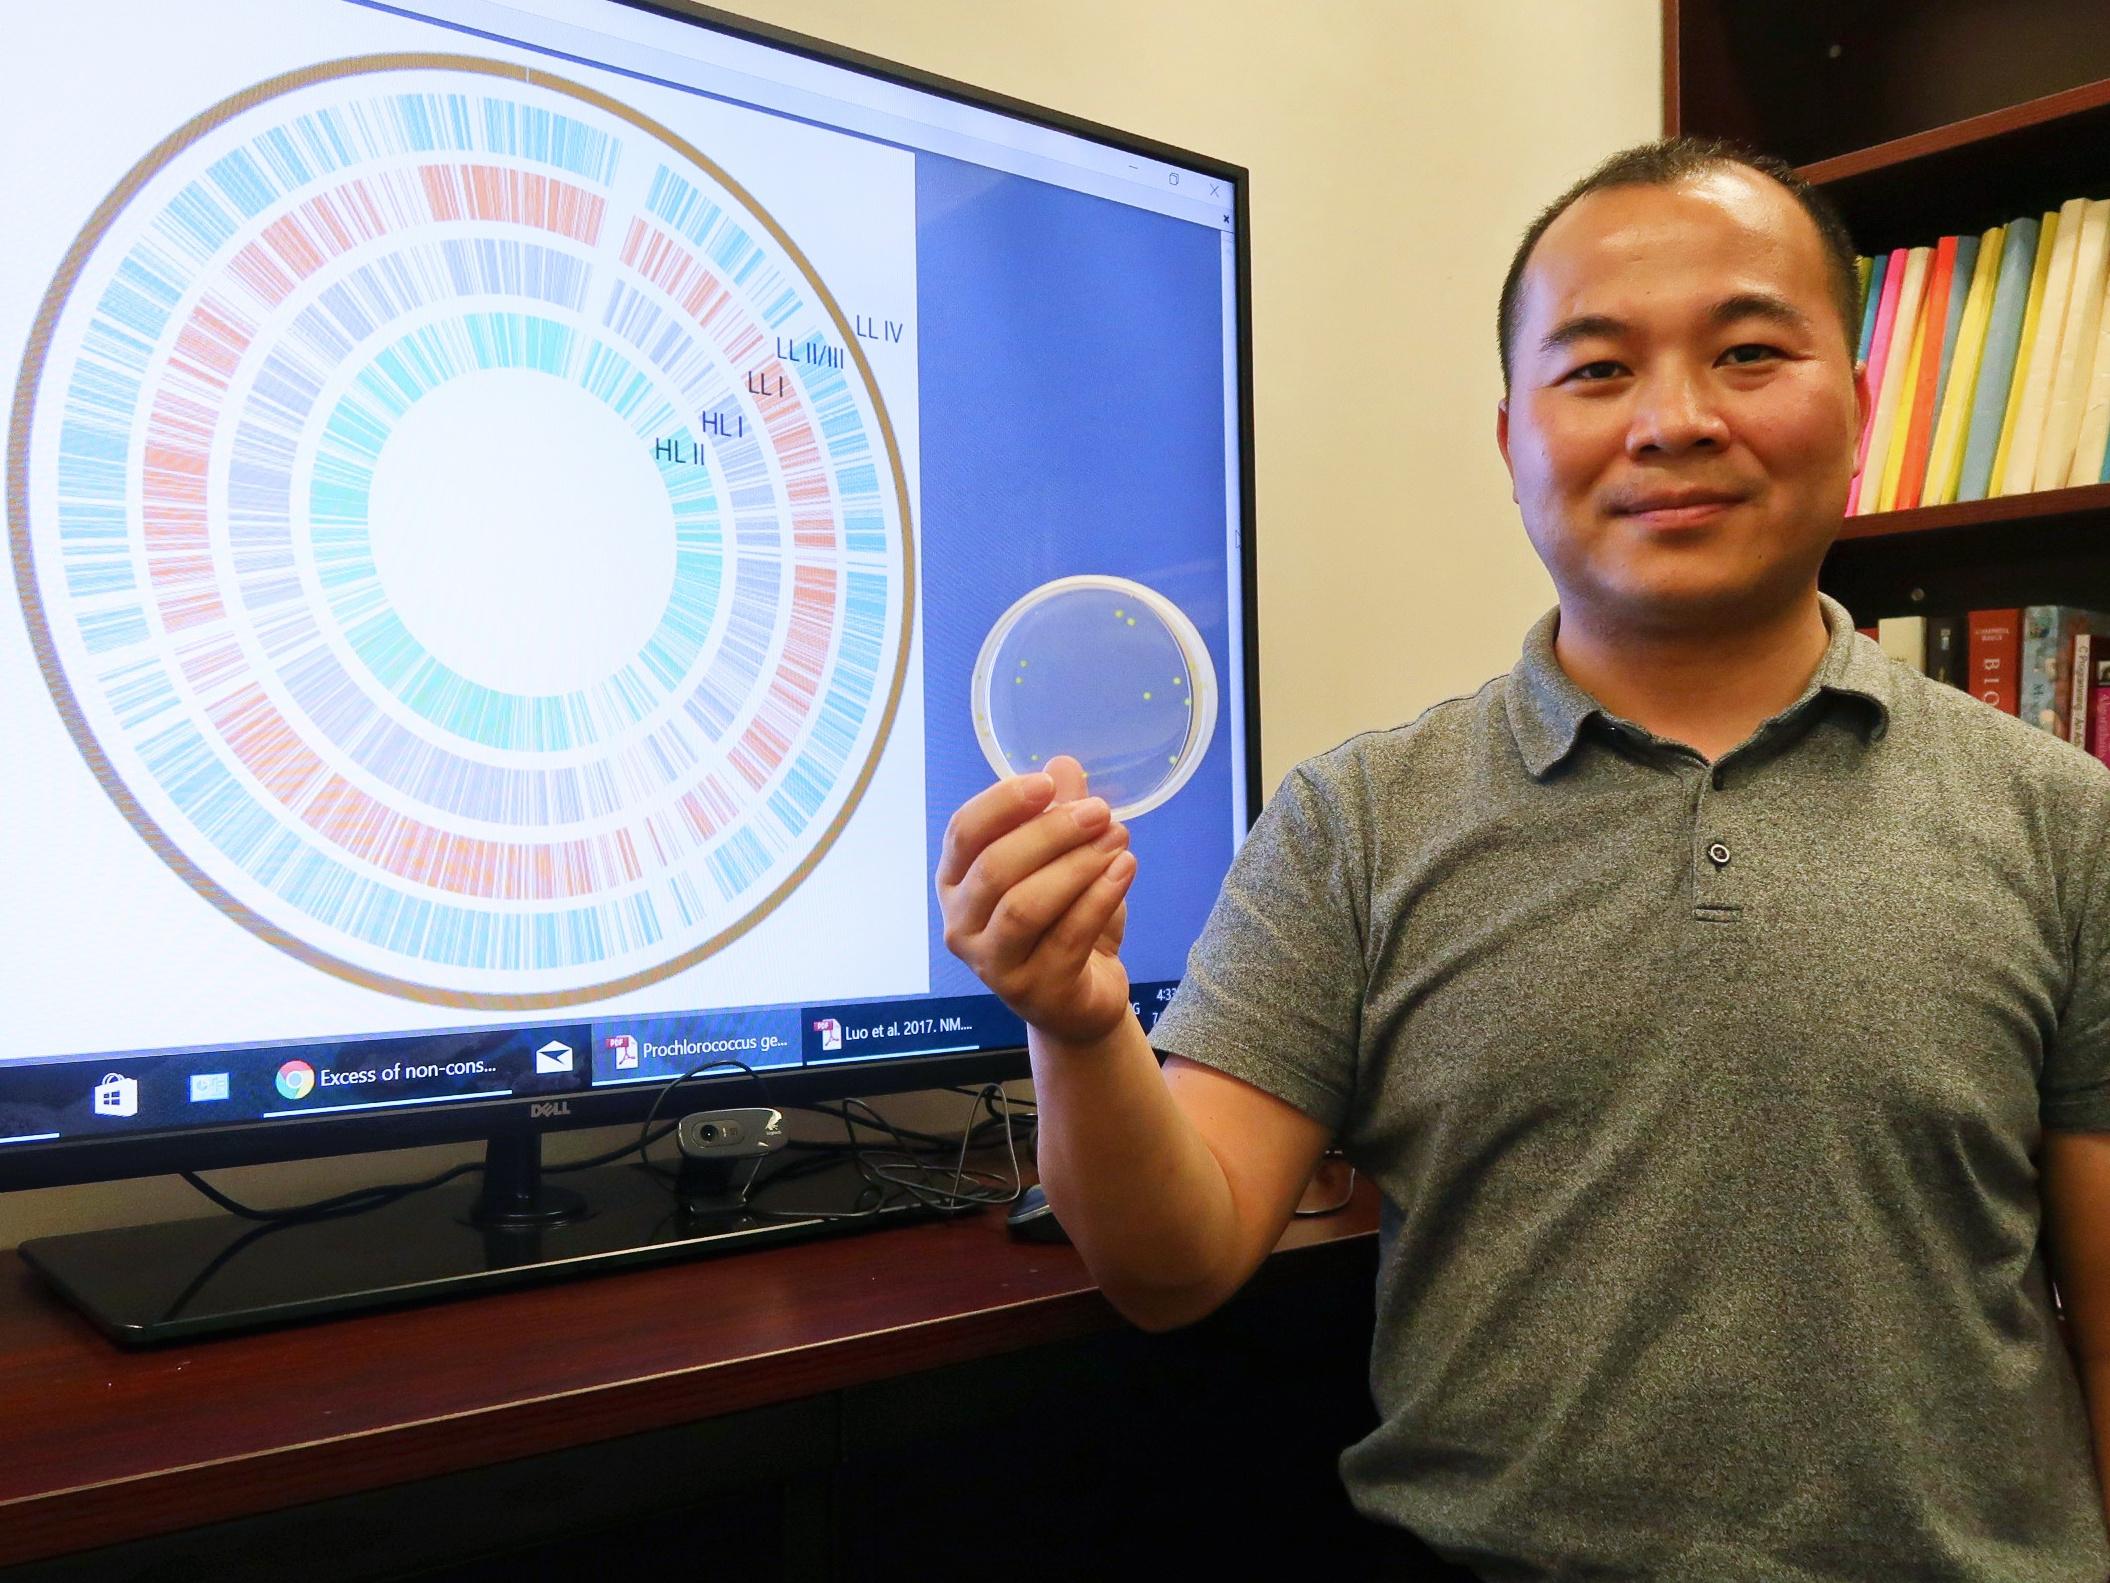 羅海偉教授利用超級電腦分析原綠球藻的基因組DNA序列,重構它們的進化史。